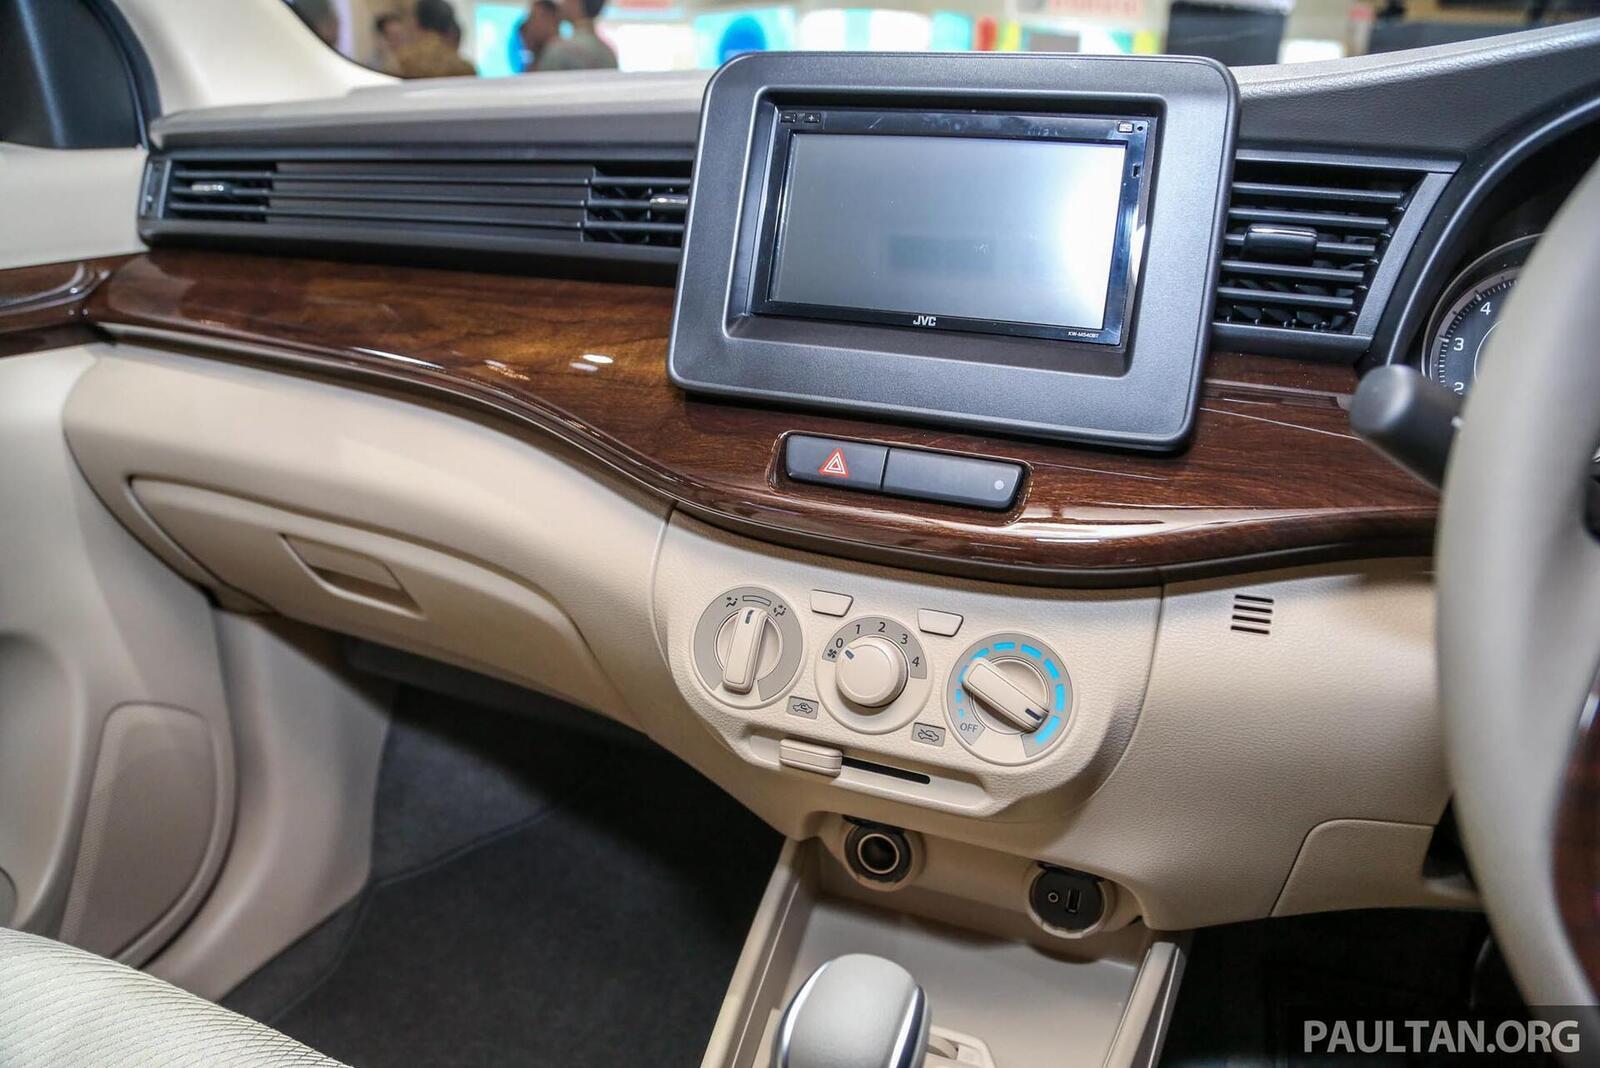 Suzuki Ertiga thế hệ mới có giá từ 486 triệu đồng tại Thái Lan; chưa hẹn ngày về Việt Nam - Hình 7